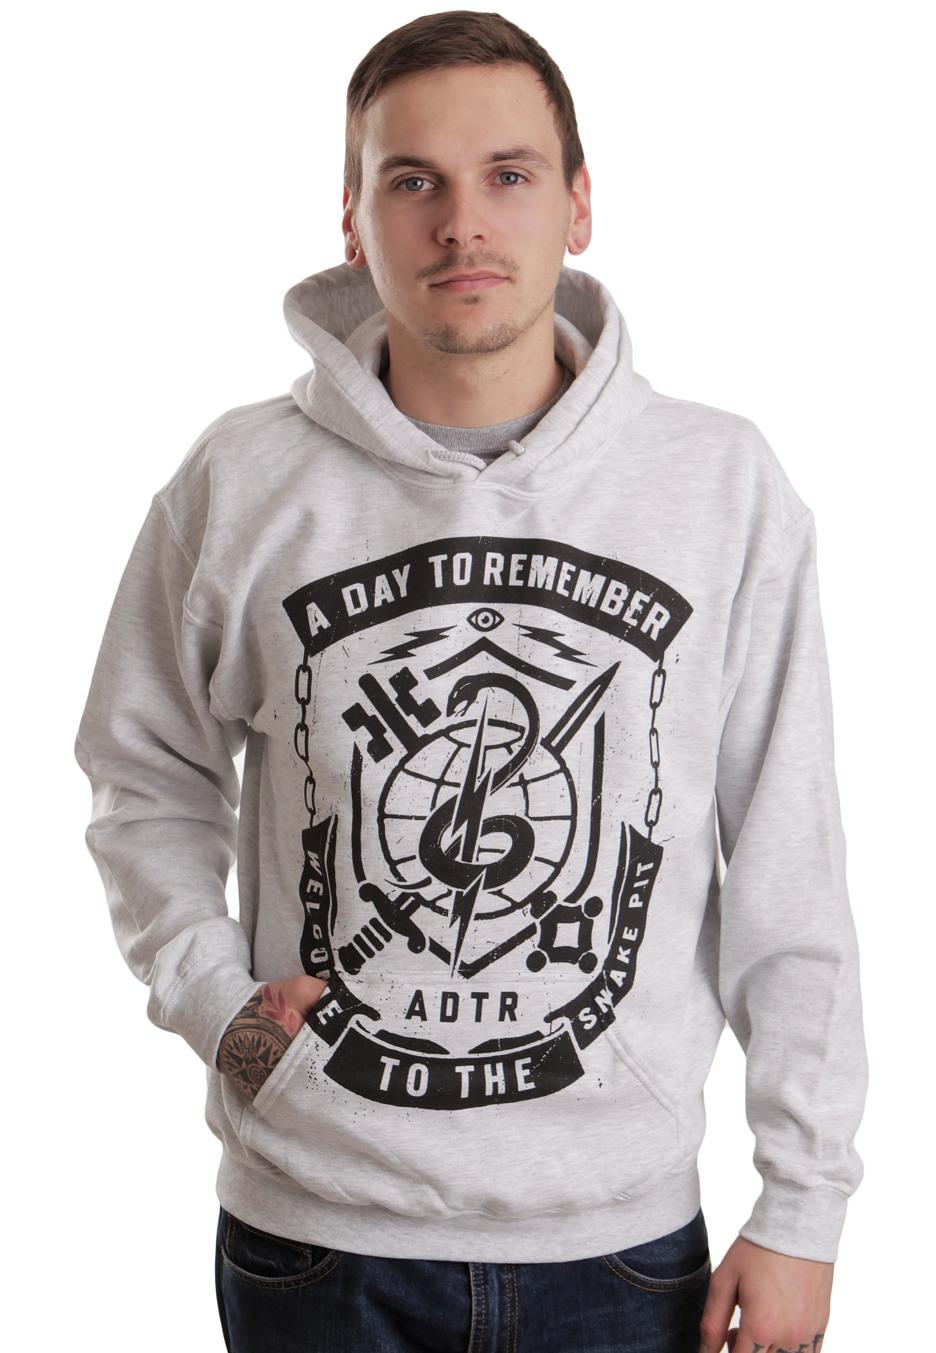 Adtr hoodies